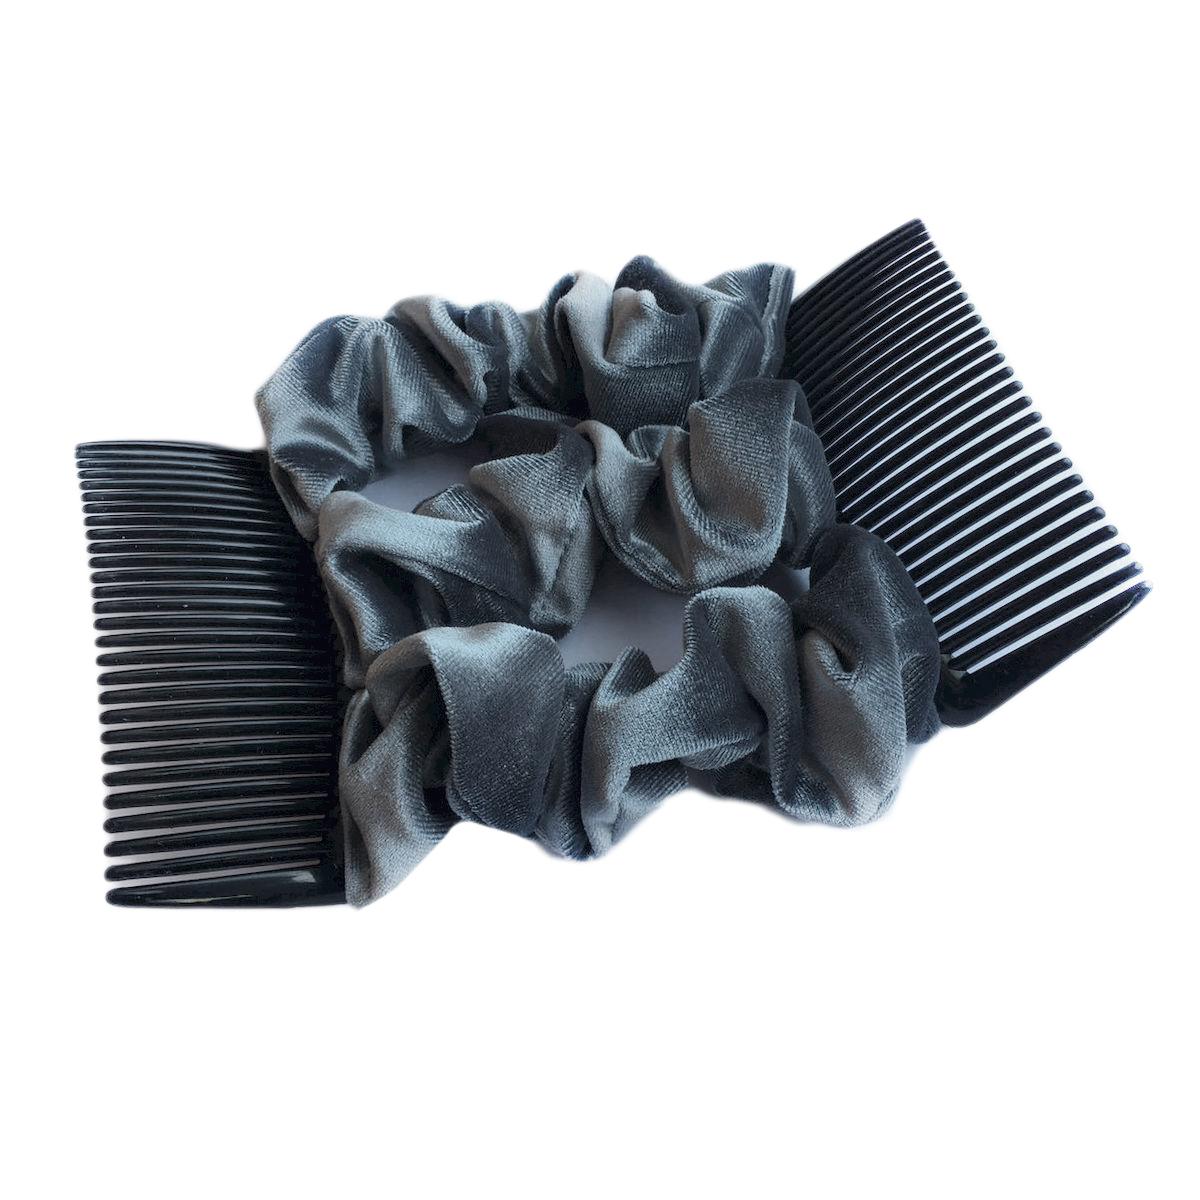 Montar Заколка Монтар, сераяSatin Hair 7 BR730MNУдобная и практичная MONTAR напоминает Изи Коум.Подходит для любого типа волос: тонких, жестких, вьющихся или прямых, и не наносит им никакого вреда. Заколка не мешает движениям головы и не создает дискомфорта, когда вы отдыхаете или управляете автомобилем.Каждый гребень имеет по 20 зубьев для надежной фиксации заколки на волосах! И даже во время бега и интенсивных тренировок в спортзале Изи Коум не падает; она прочно фиксирует прическу, сохраняя укладку в первозданном виде.Небольшая и легкая заколка поместится в любой дамской сумочке, позволяя быстро и без особых усилий создавать неповторимые прически там, где вам это удобно. Гребень прекрасно сочетается с любой одеждой: будь это классический или спортивный стиль, завершая гармоничный облик современной леди. И неважно, какой образ жизни вы ведете, если у вас есть MONTAR, вы всегда будете выглядеть потрясающе.Применение:1) Вставьте один из гребней под прическу вогнутой стороной к поверхности головы.2) Поместите пальцы рук в заколку, чтобы придержать волосы, и закрепите первый гребень.3) Второй гребень оберните поверх прически и вставьте с другой стороны вогнутой поверхностью к голове и закрепите его.